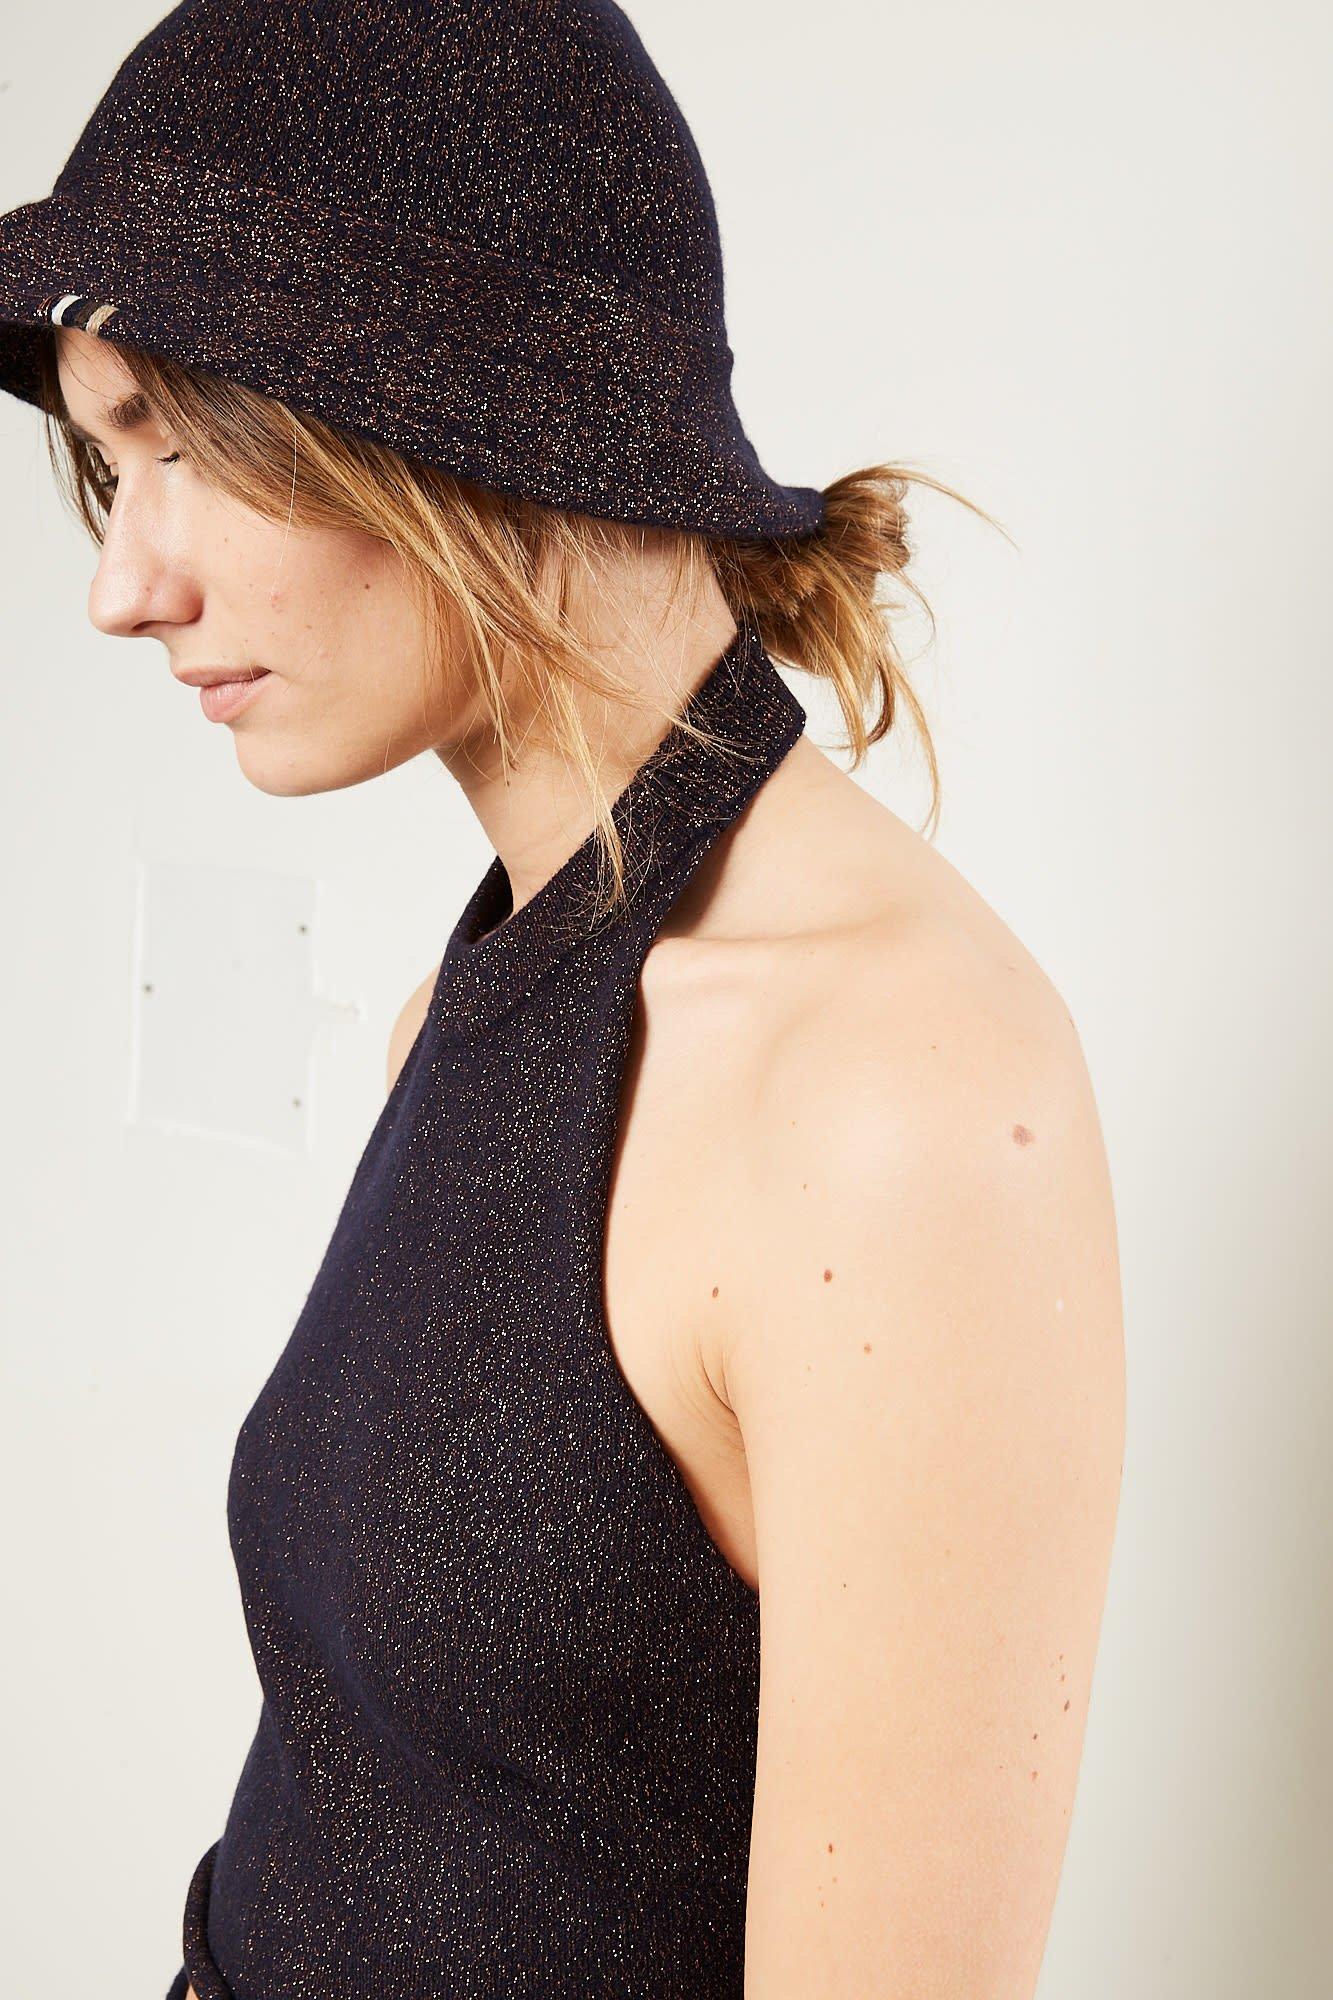 extreme cashmere - No166 Bucket soft bucket hat